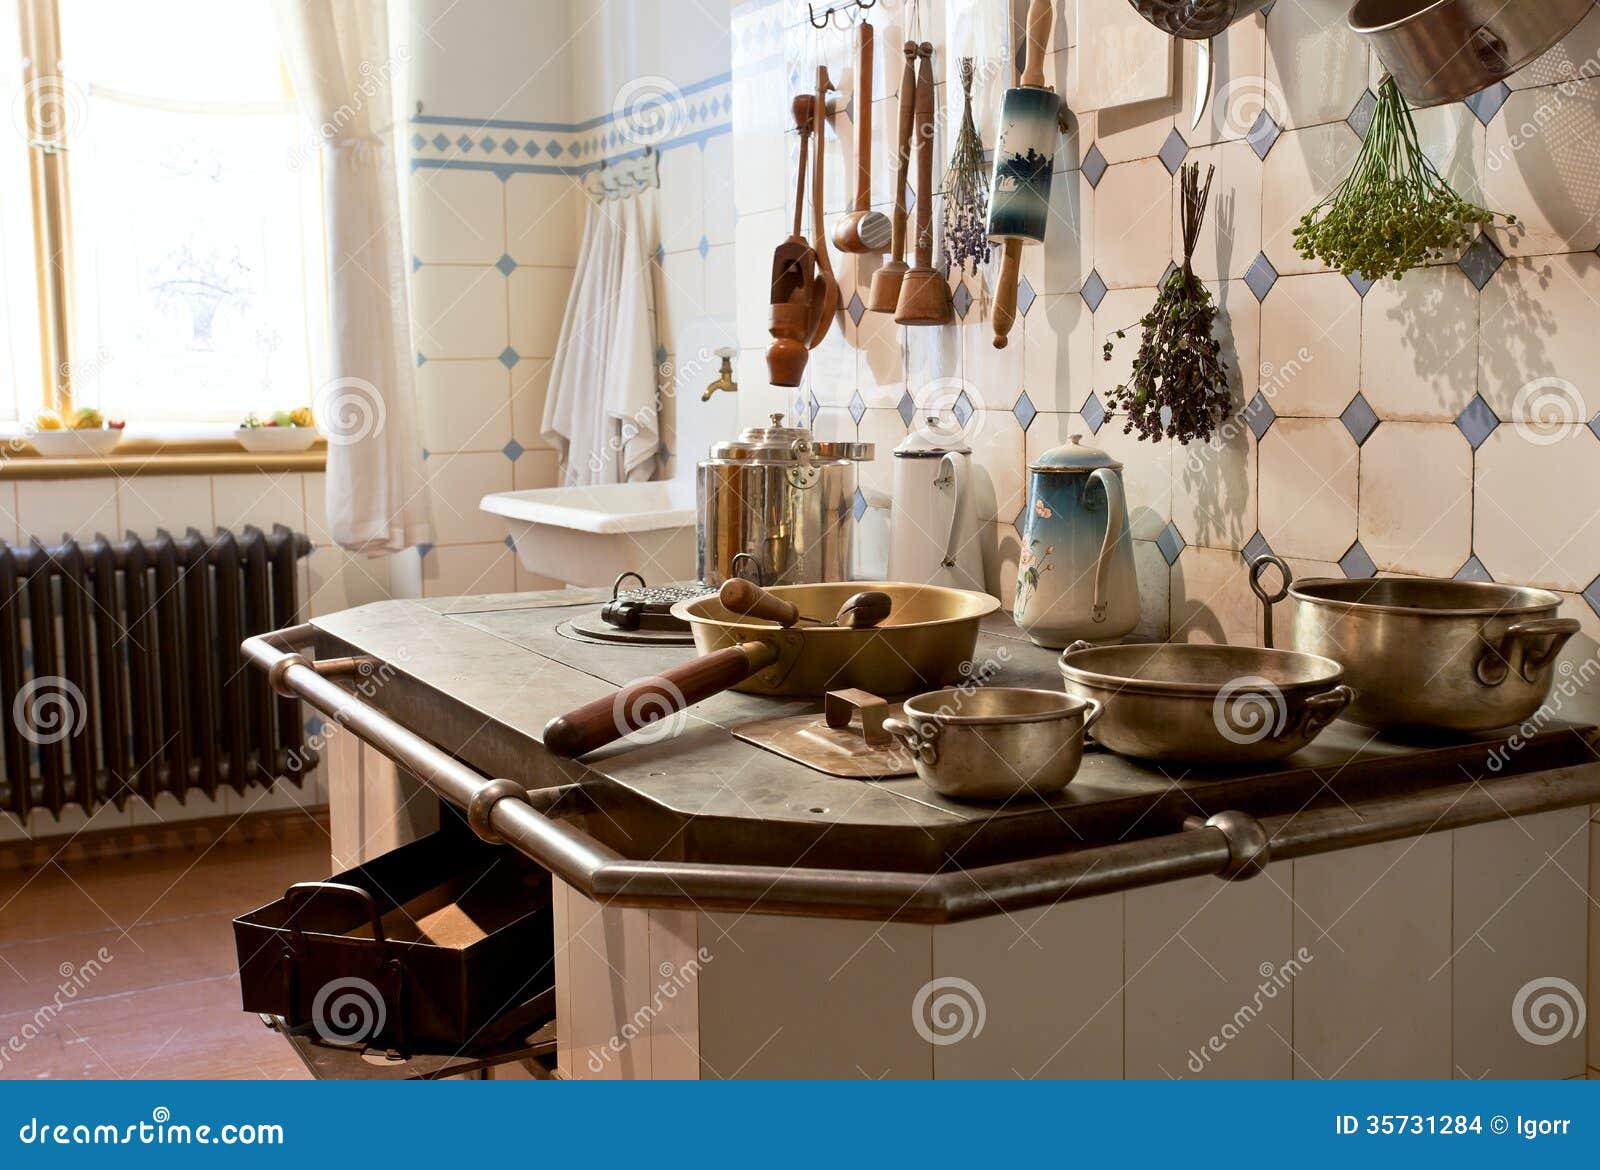 Kuchnia Xix Wiek Zdjecie Stock Obraz Zlozonej Z Niecka 35731284